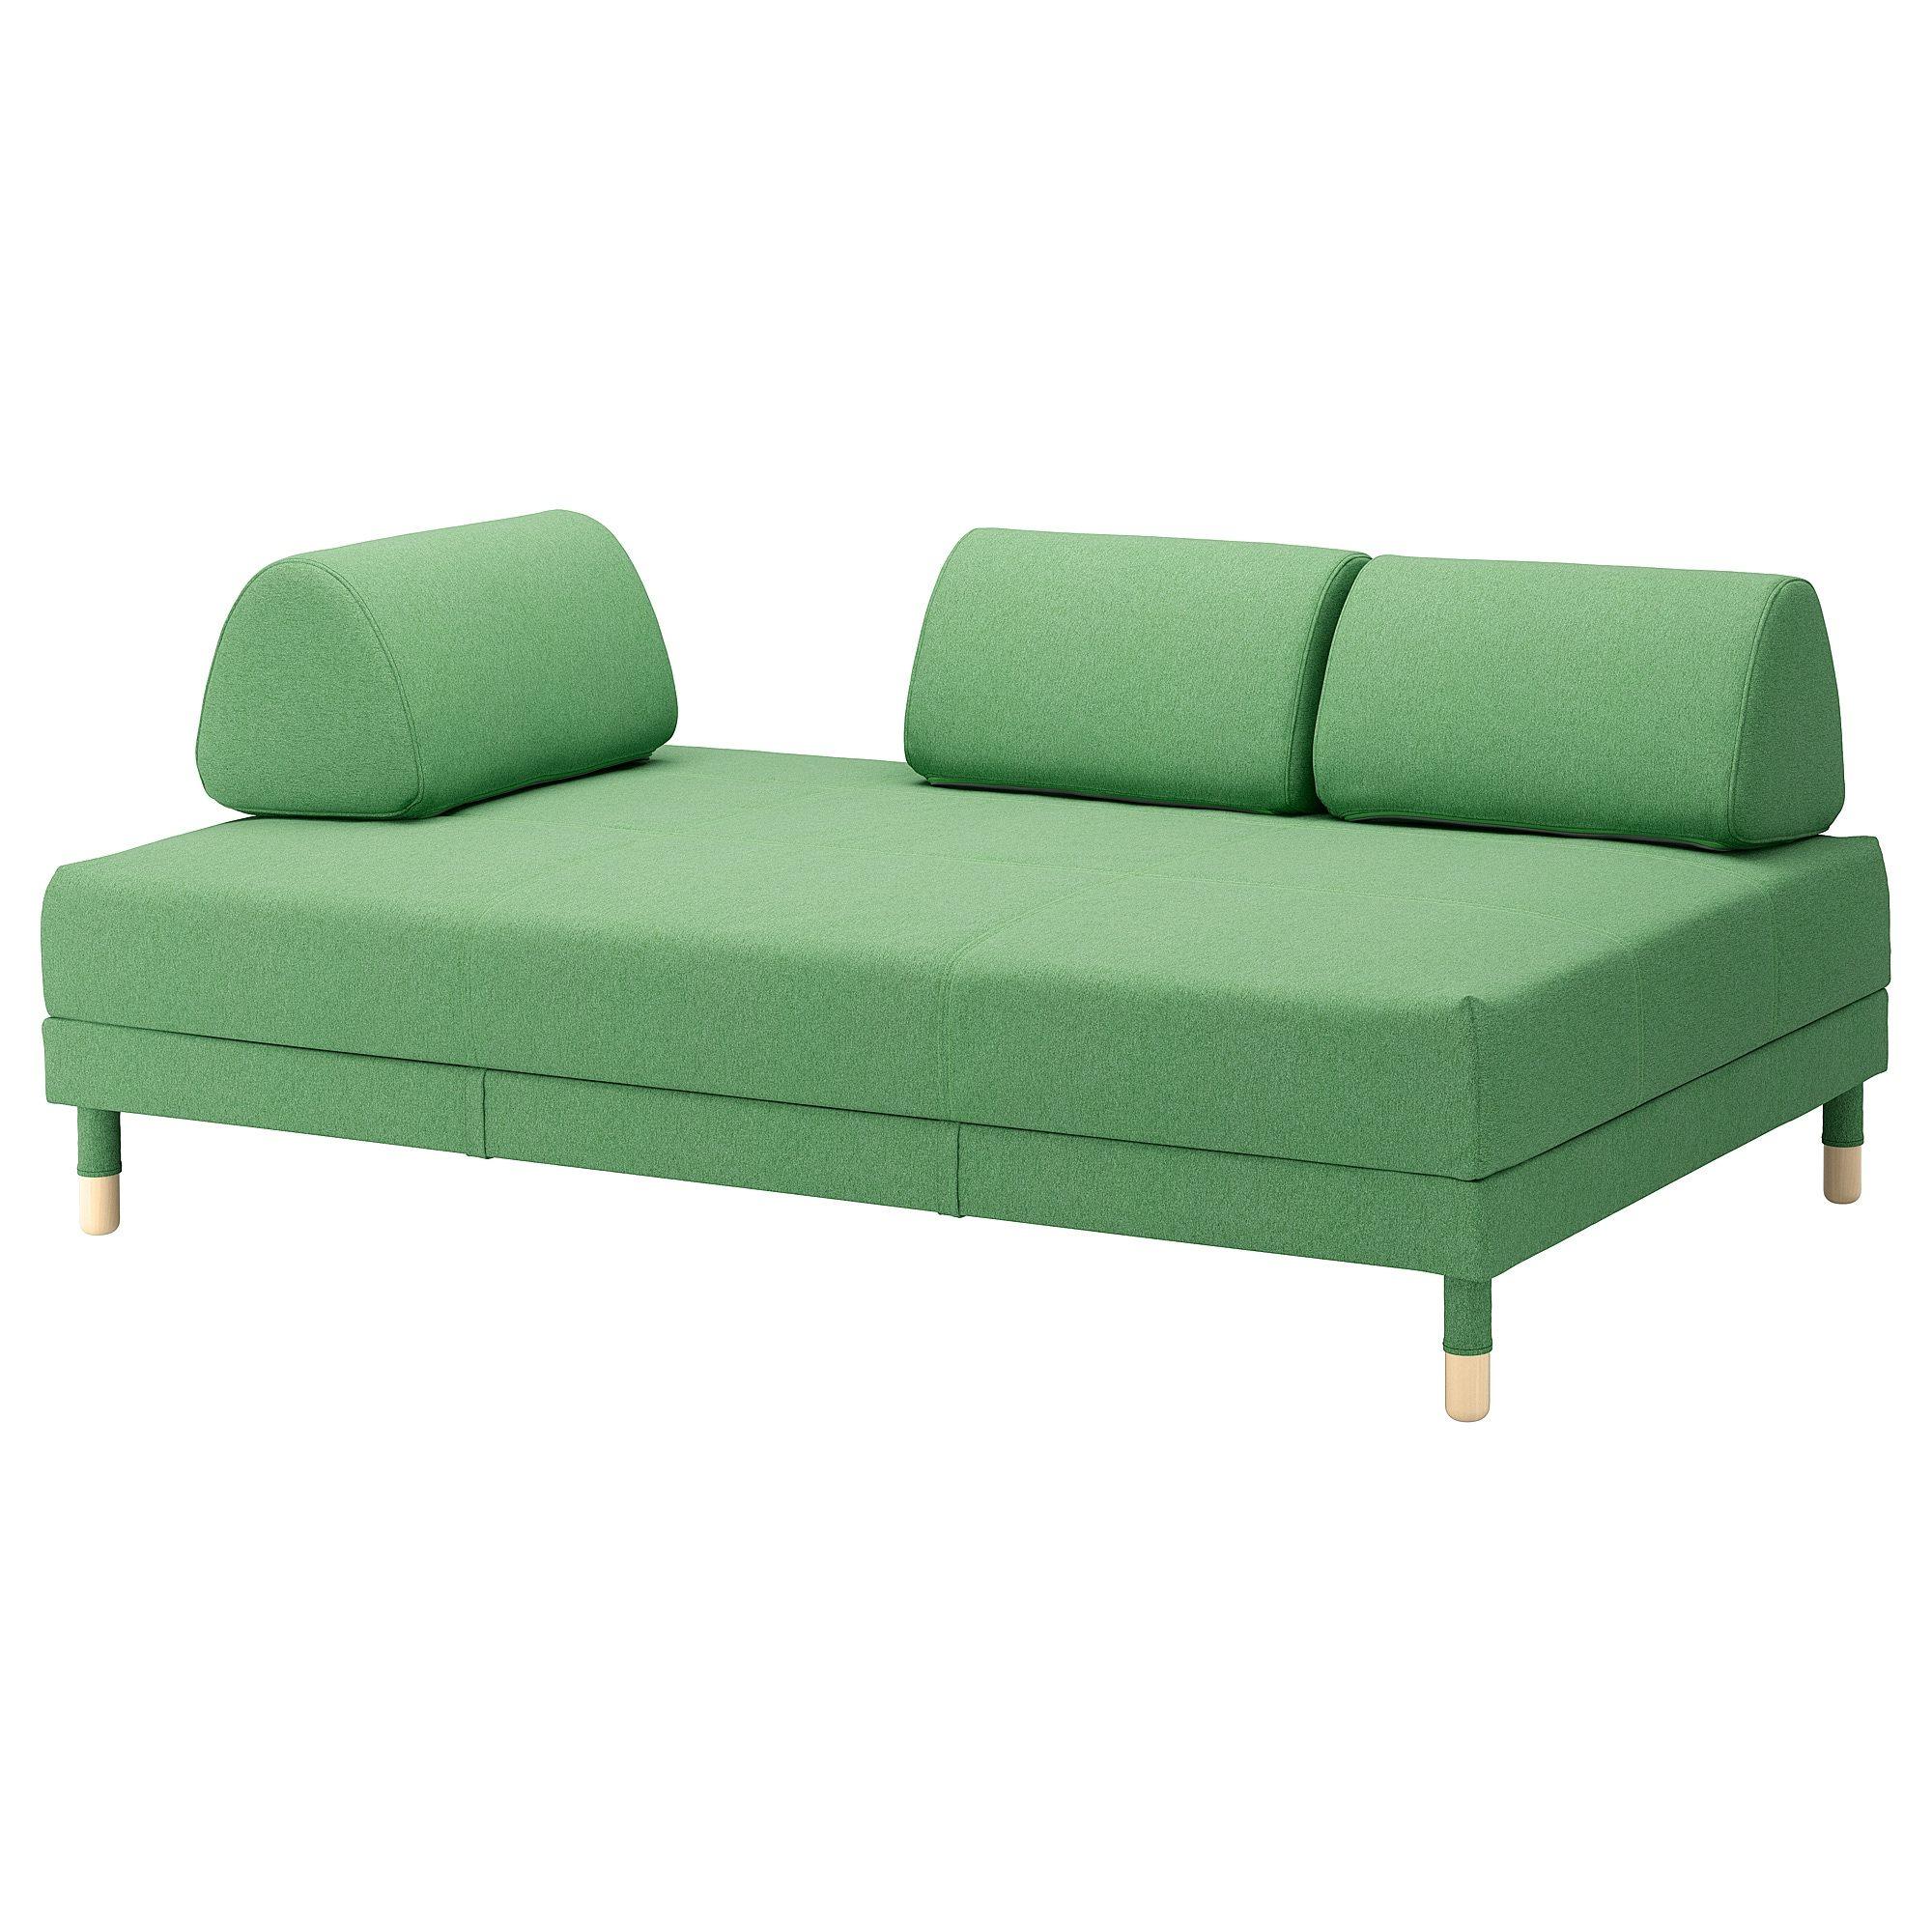 Canapé Lit Couchage Quotidien Ikea Meilleur De Mignonne Canapé Lit Quoti N Ou Flottebo Canapé Lit 3 Places Lysed